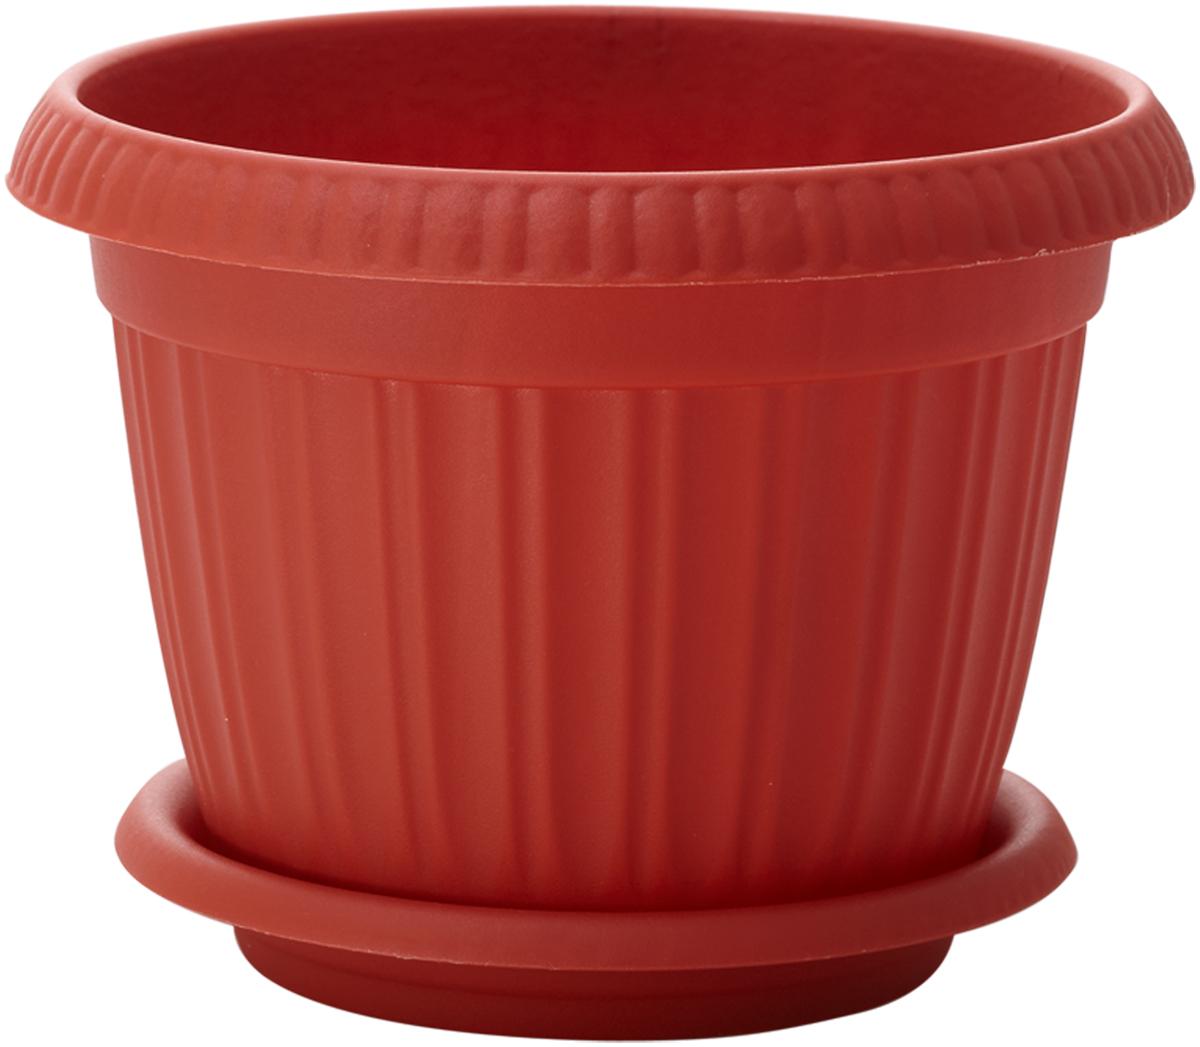 Горшок для цветов InGreen Таити, с подставкой, цвет: терракотовый, диаметр 33 смING41033FТРГоршок InGreen Таити, выполненный из высококачественного полипропилена (пластика), предназначен для выращивания комнатных цветов, растений и трав. Специальная конструкция обеспечивает вентиляцию в корневой системе растения, а дренажные отверстия позволяют выходить лишней влаге из почвы. Такой горшок порадует вас современным дизайном и функциональностью, а также оригинально украсит интерьер любого помещения. Диаметр горшка (по верхнему краю): 33 см.Высота горшка: 25 см.